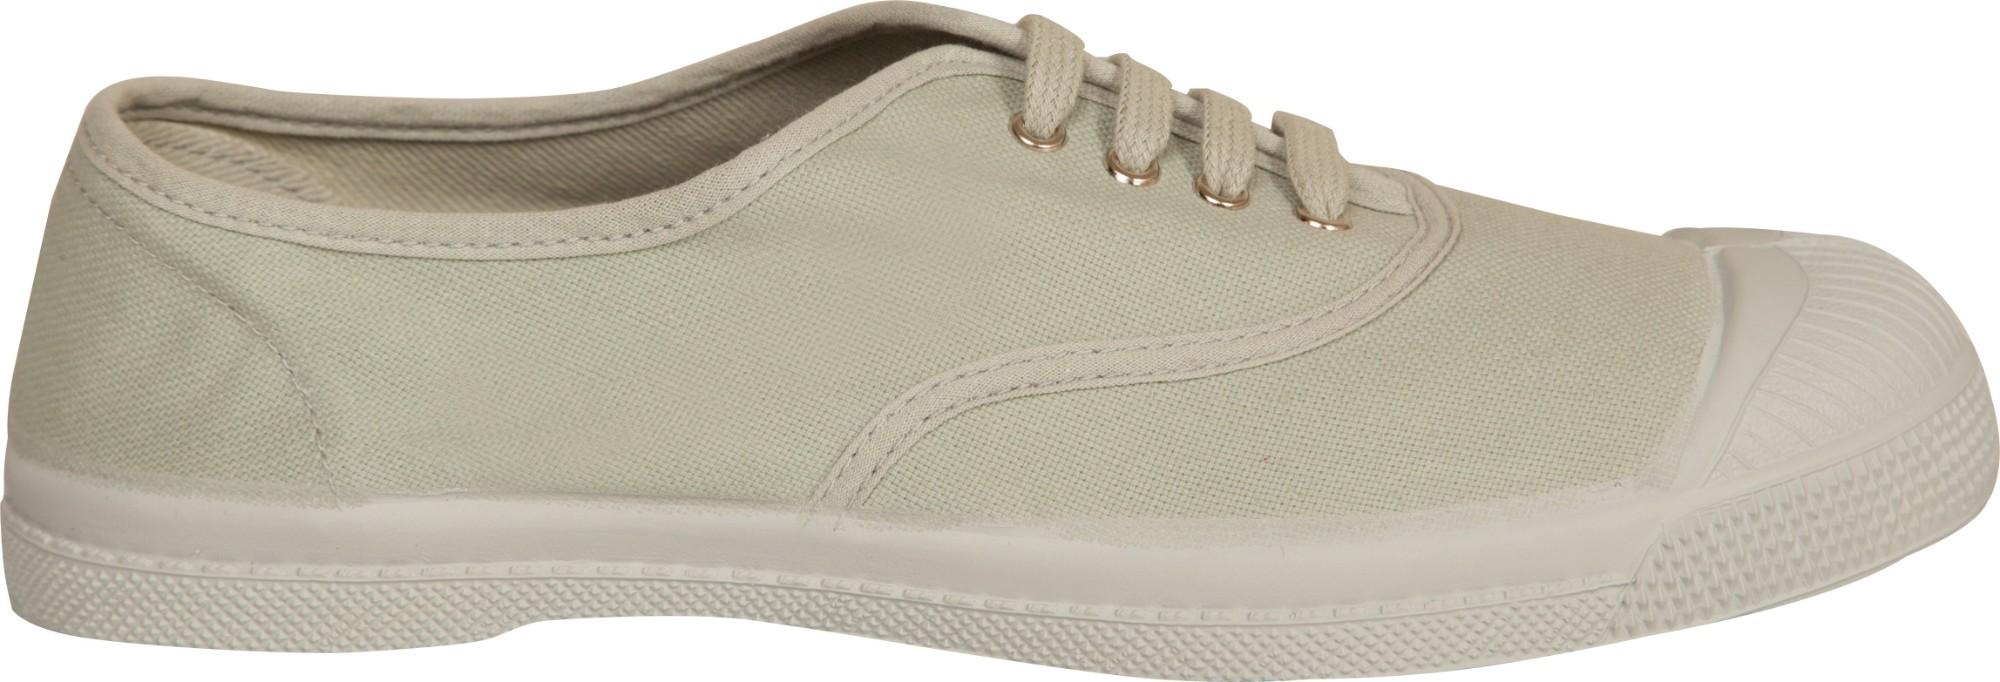 BENSIMON Tennis Colorsole Green/Grey 39